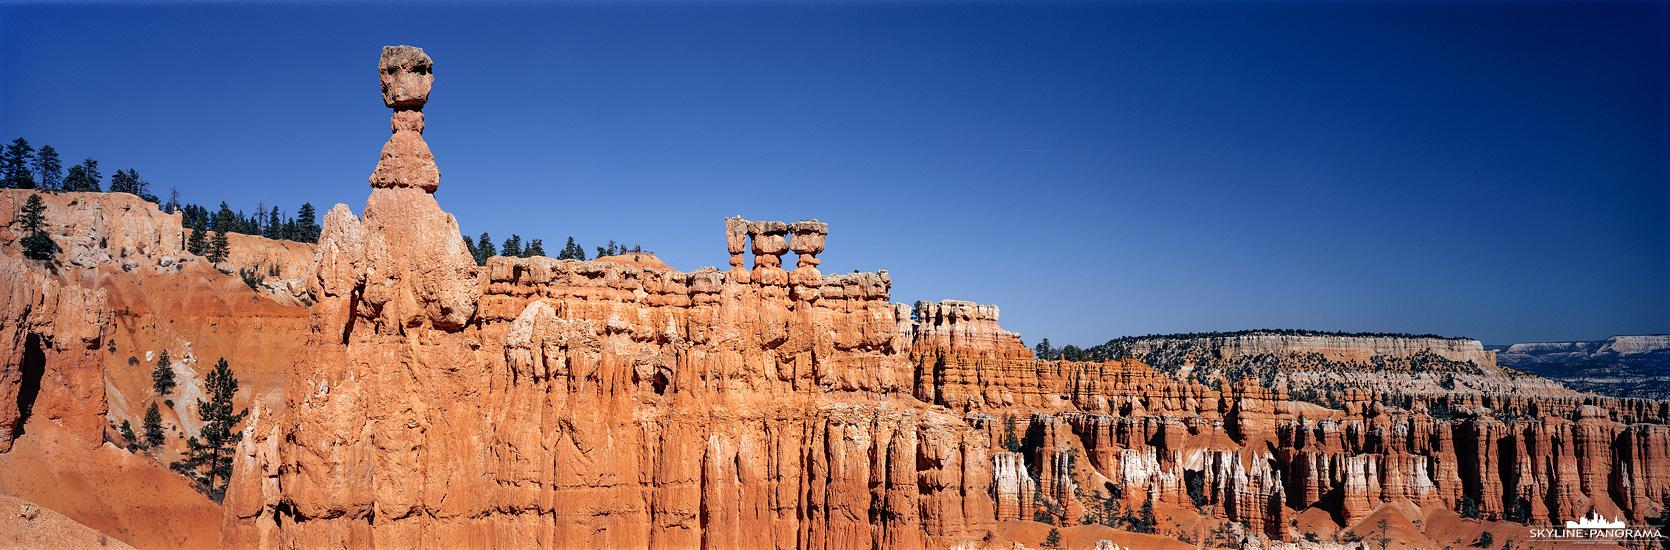 Der Bryce Canyon Nationalpark, im Südwesten von Utah gelegen, ist bekannt für seine Hoodoos genannten, einzigartigen Felsformationen, die im laufe vieler Jahrtausender durch Erosion entstanden sind. Auf diesem 6x17 Panorama ist Thors Hammer zu sehen, die Gesteinsformation ist eine der bekanntesten Hoodoos im Bryce Canyon.